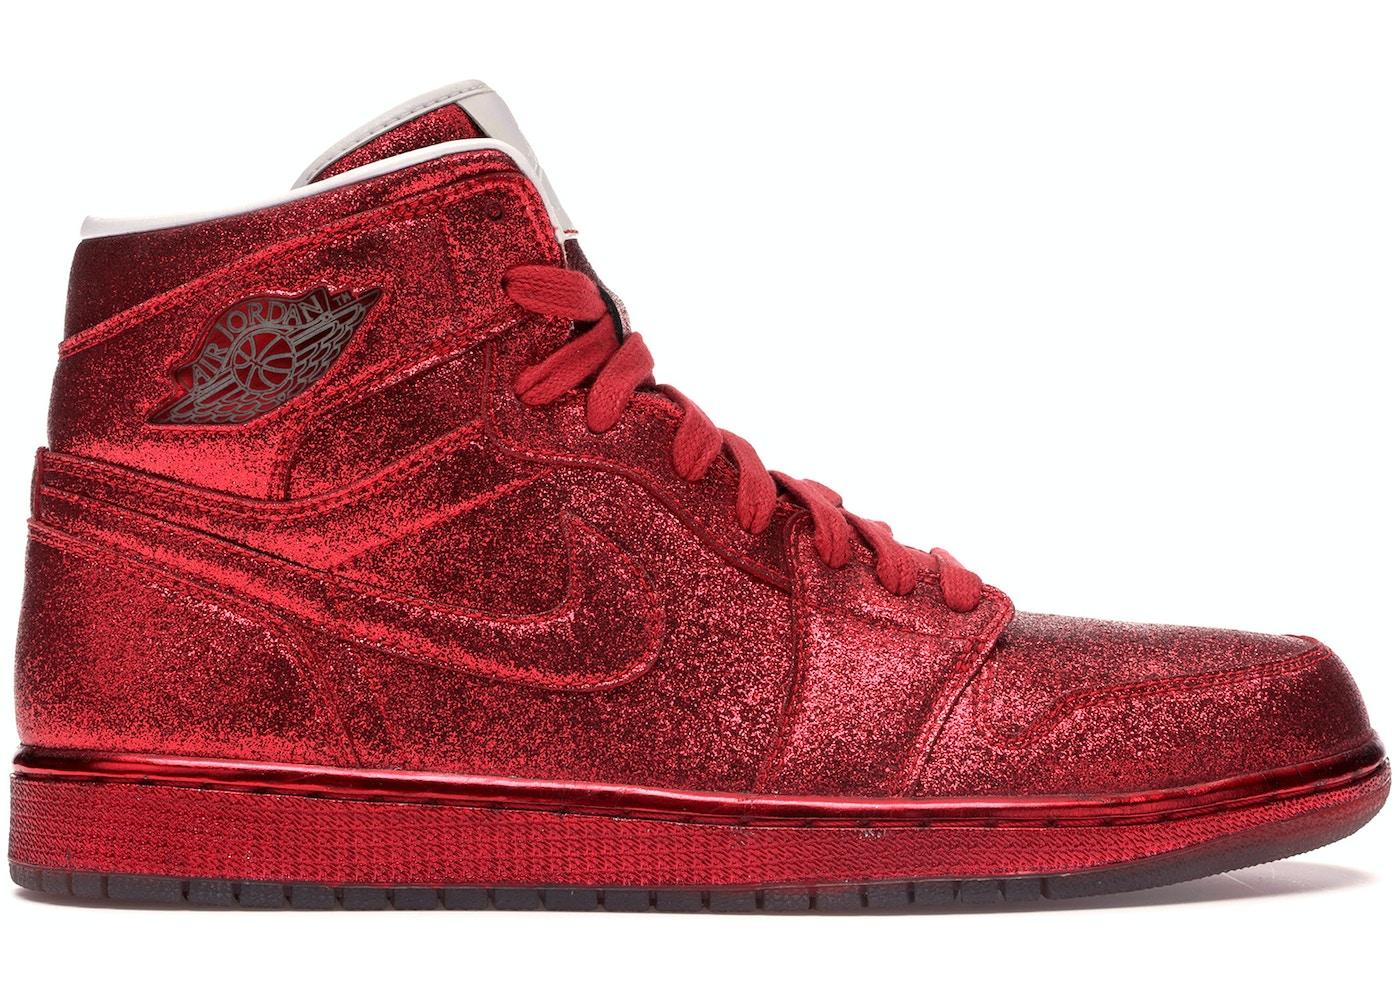 hot sale online bc60c 25cc7 Air Jordan Shoes - Average Sale Price